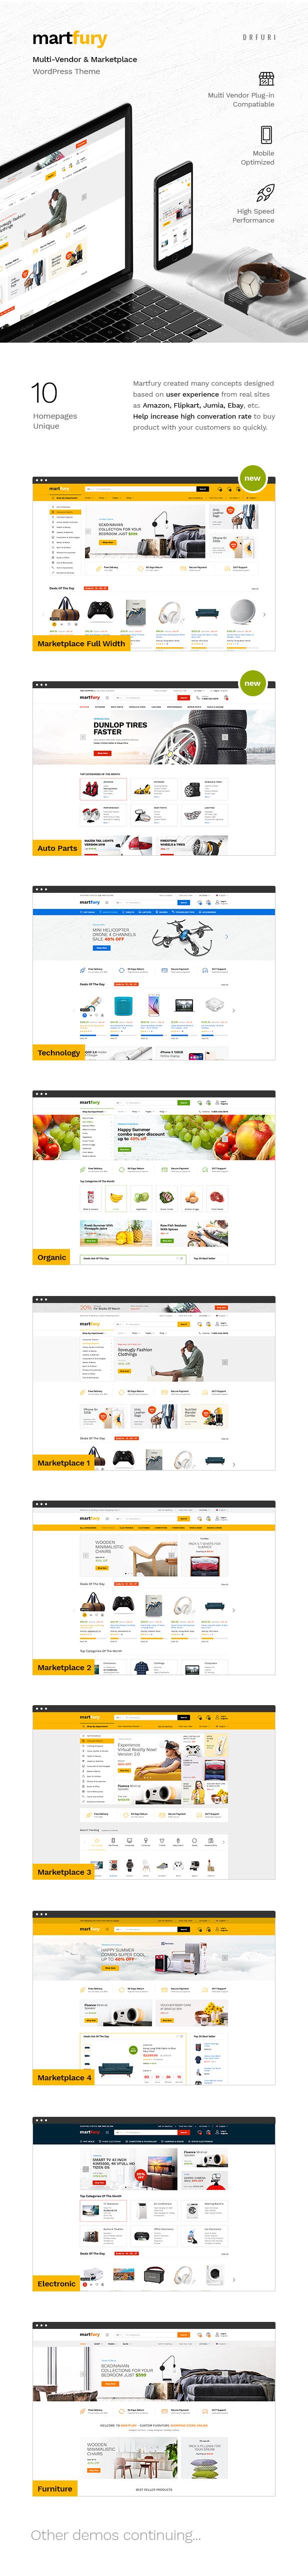 Martfury - WooCommerce Marketplace WordPress Theme - 13